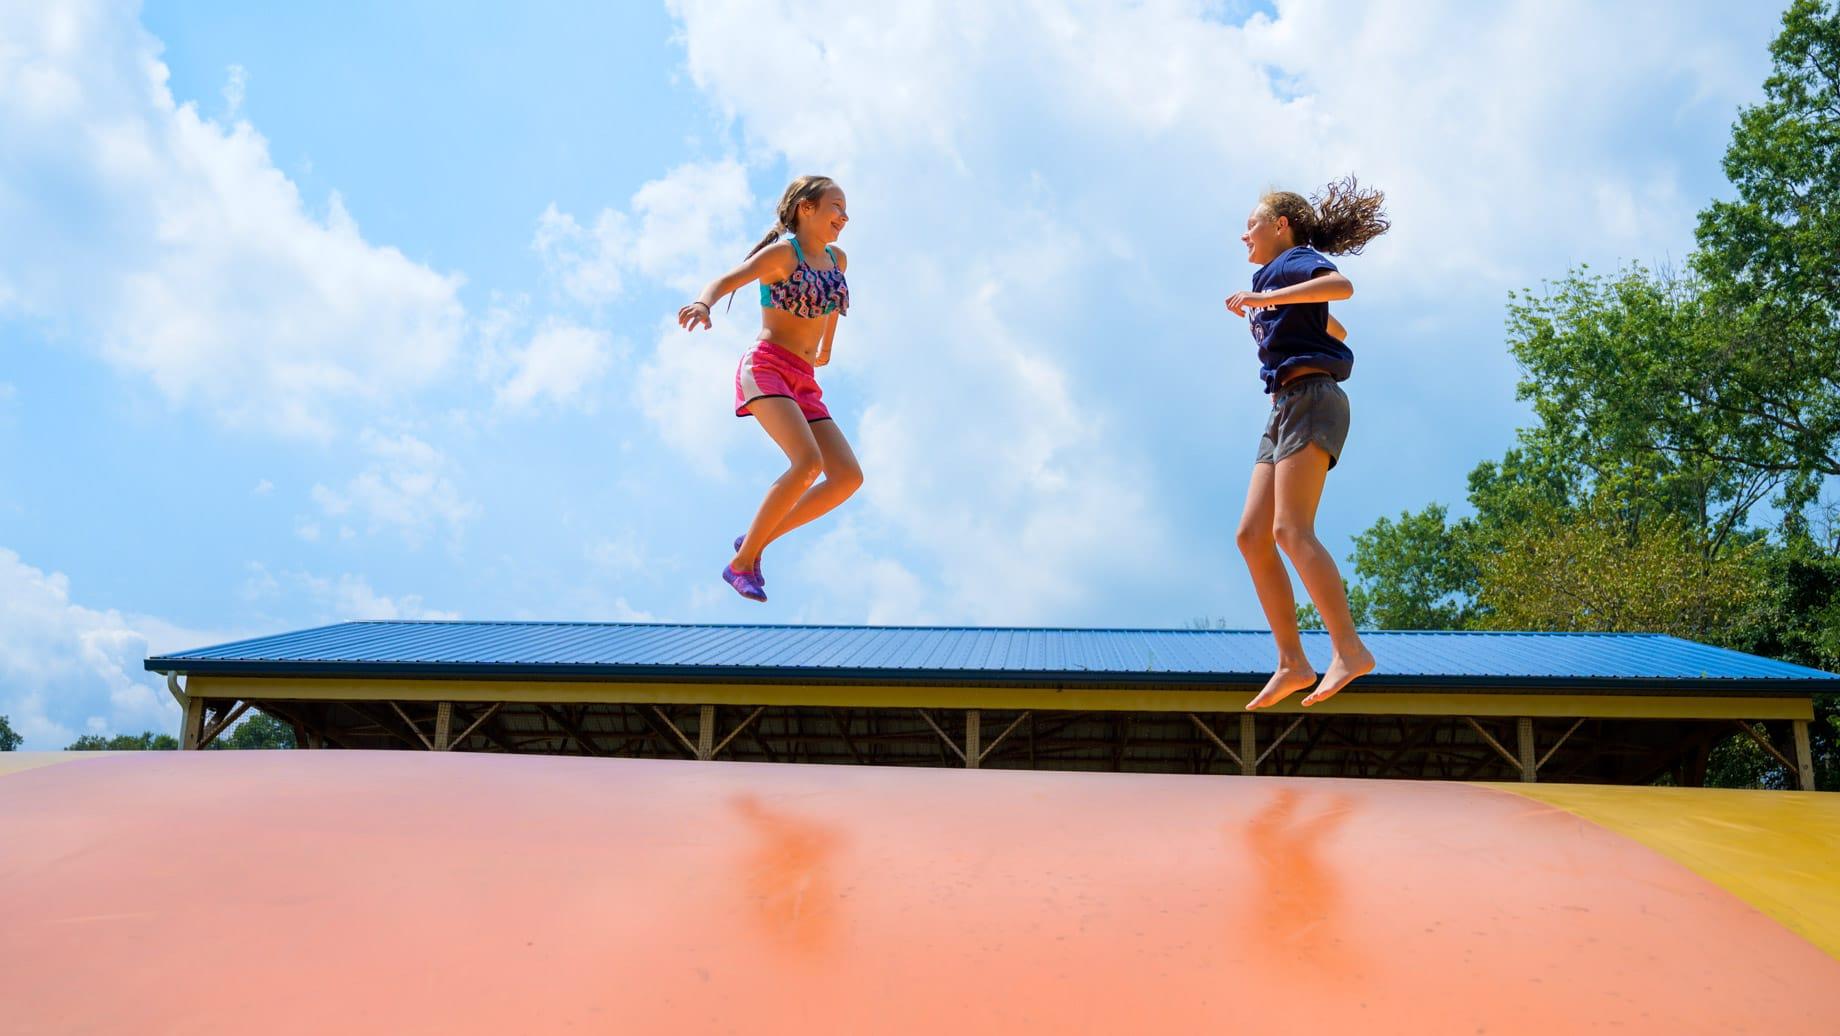 Girls on jumping pillow